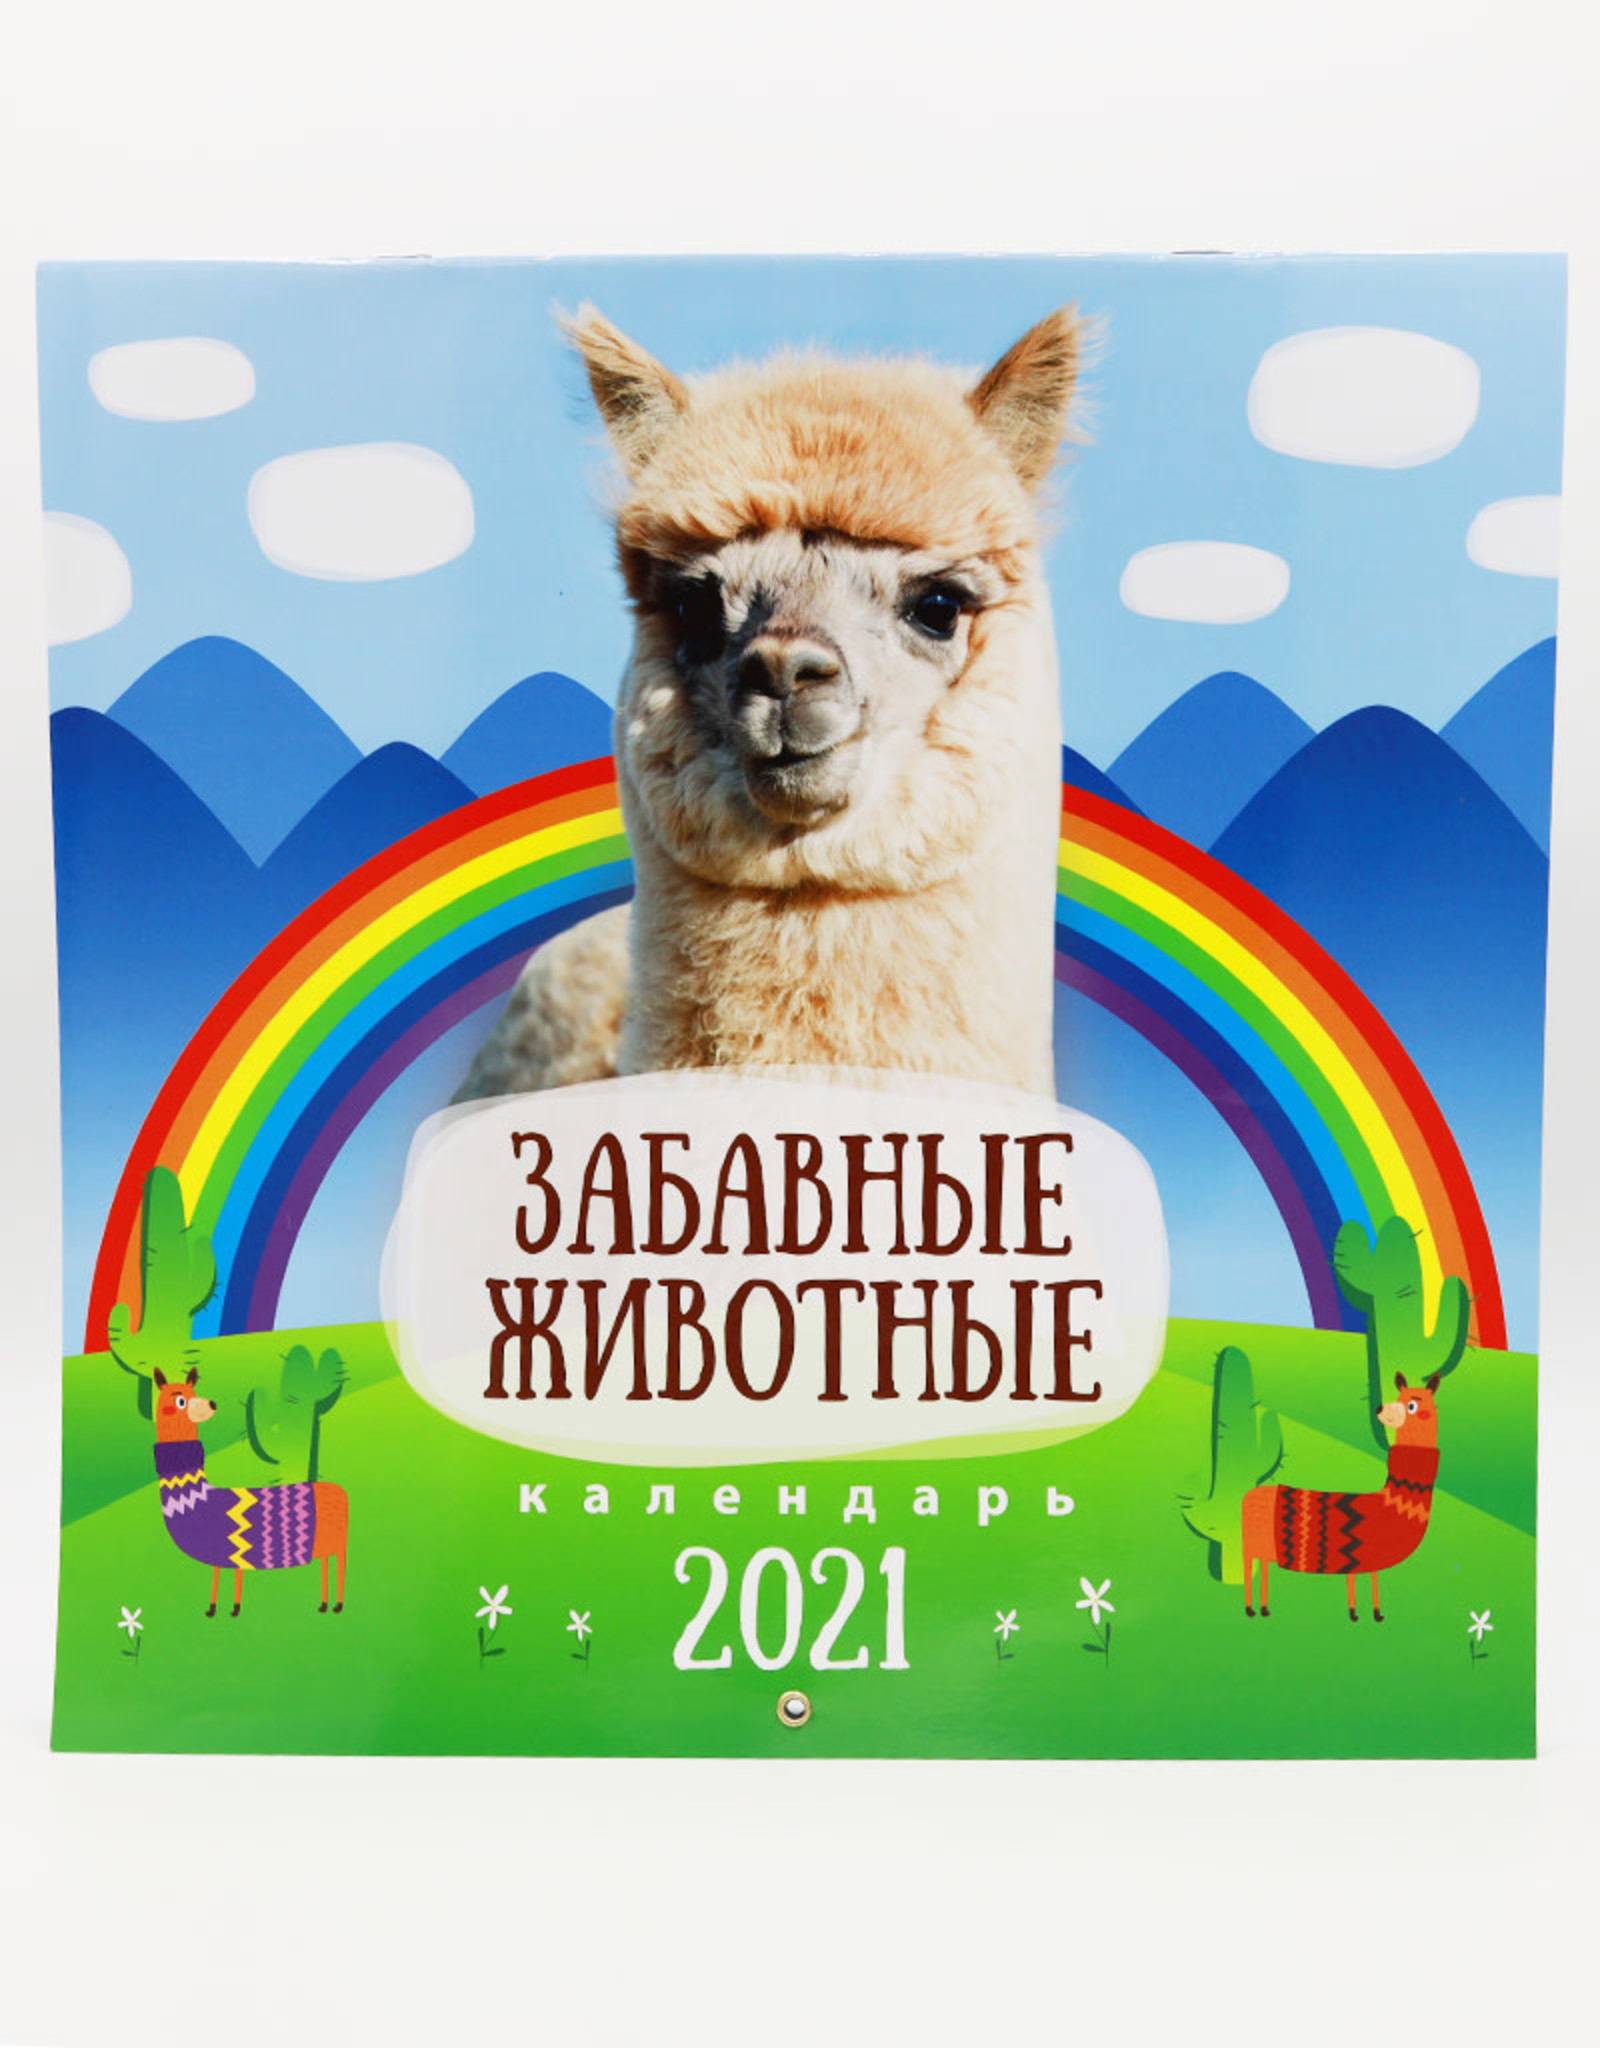 Забавные Животные, Календарь для детей 2021